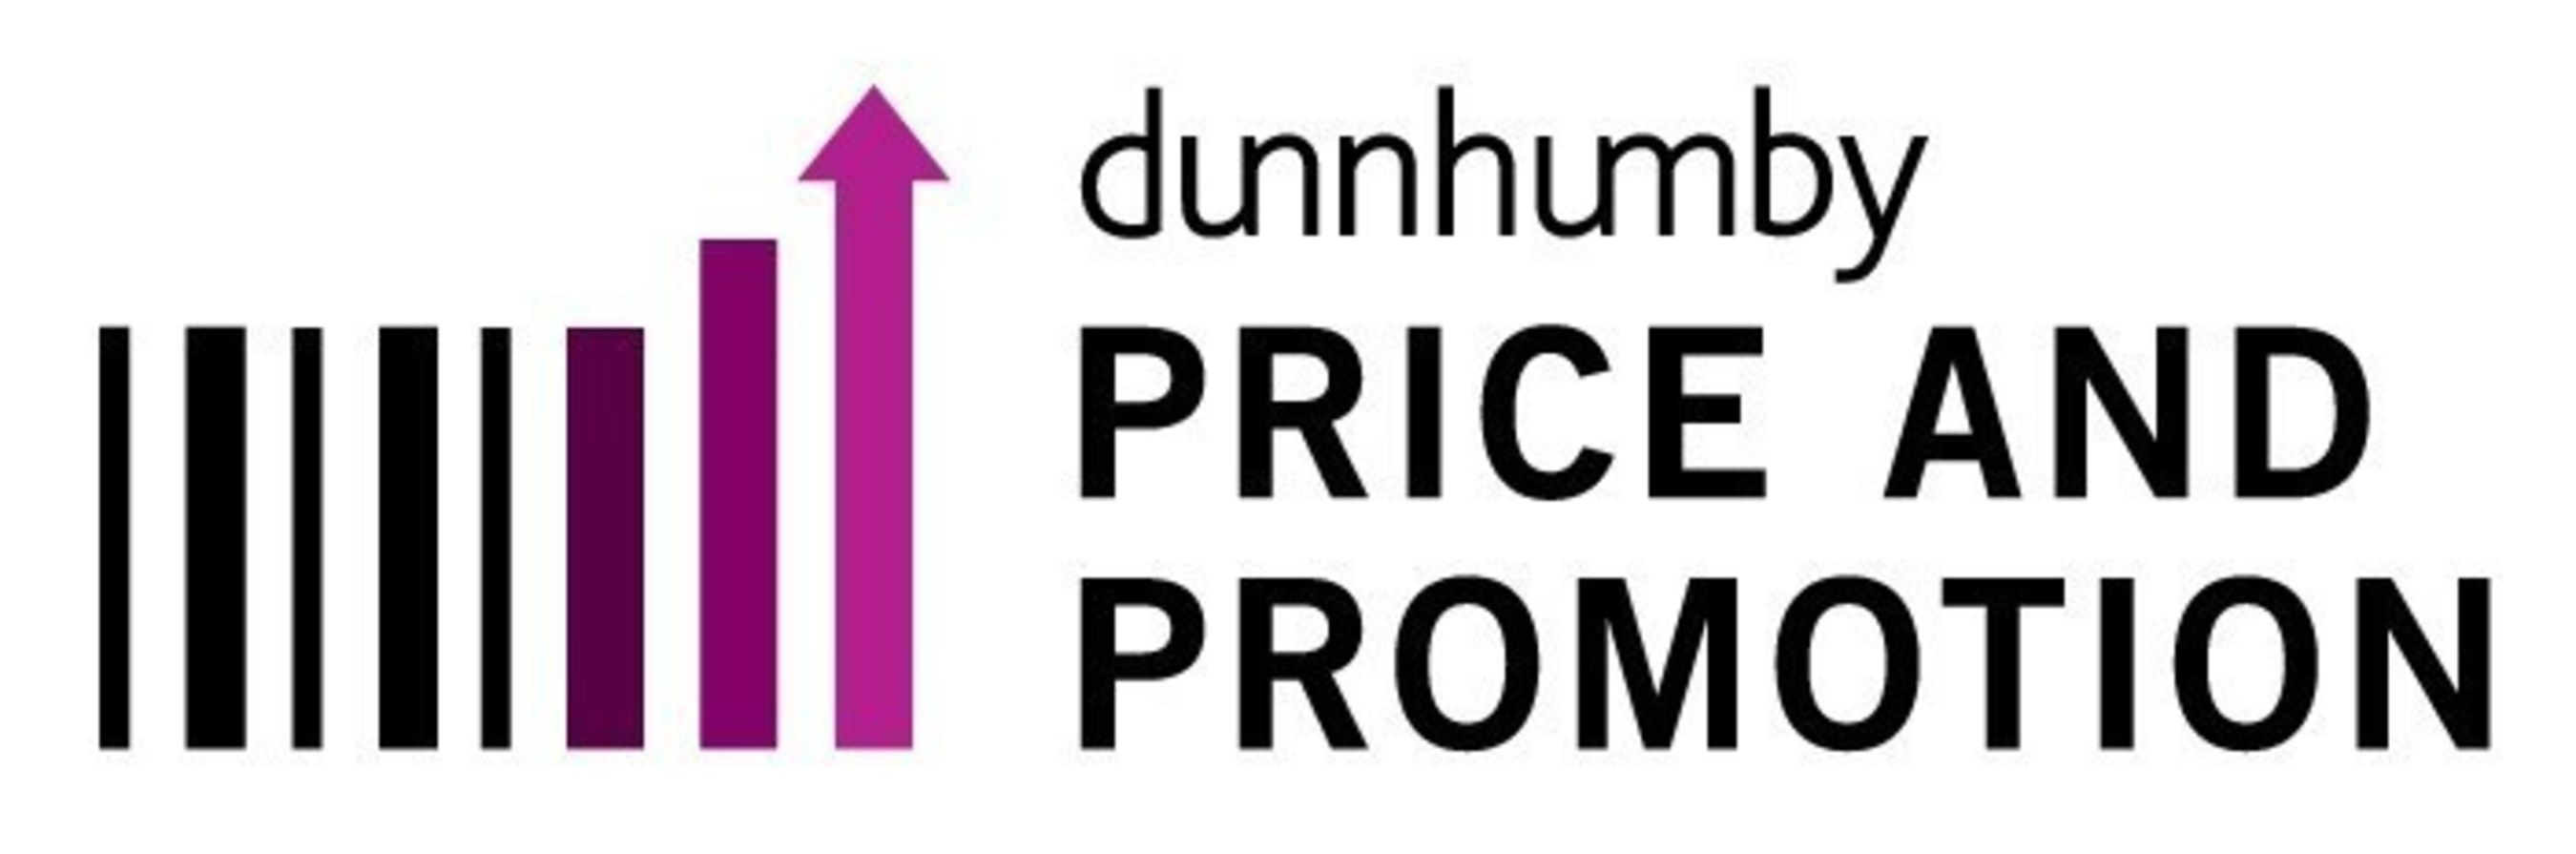 dunnhumby confère une nouvelle image de marque à KSS Retail, et lance une offre plus étendue de